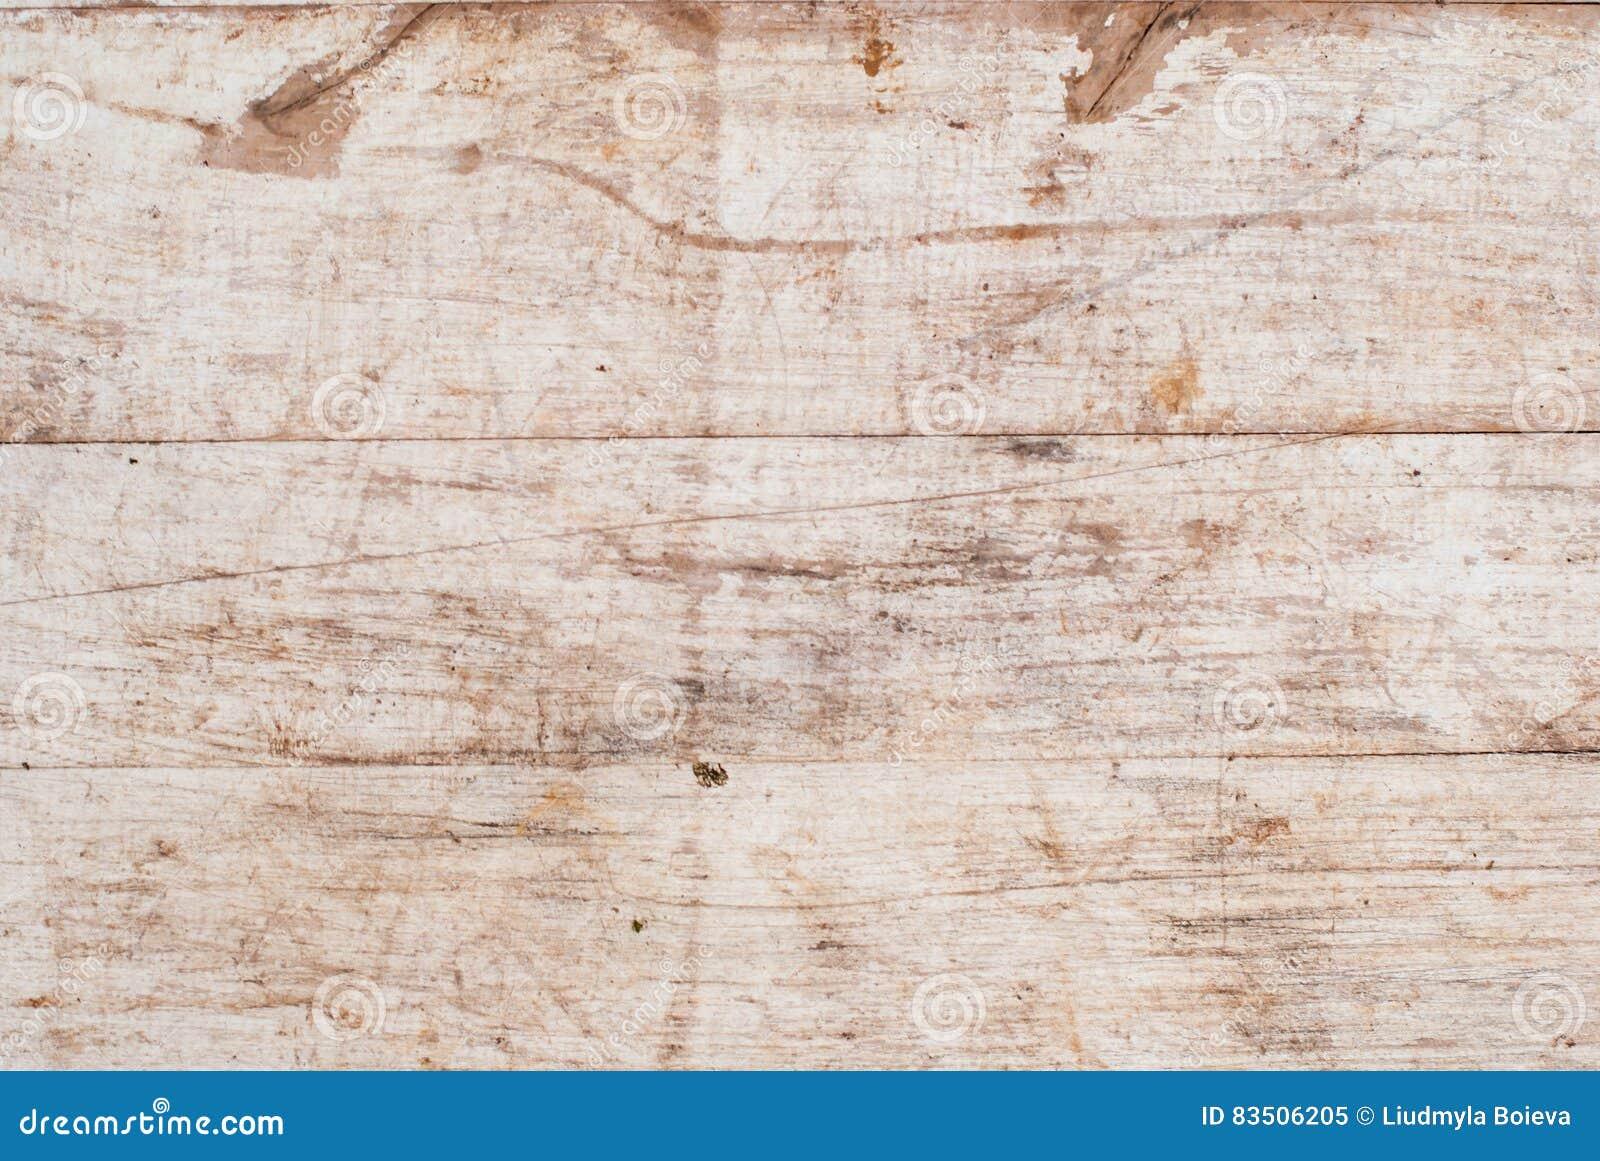 Helles Holz Des Hintergrundes Hölzerner Hintergrund Raue Hölzerne